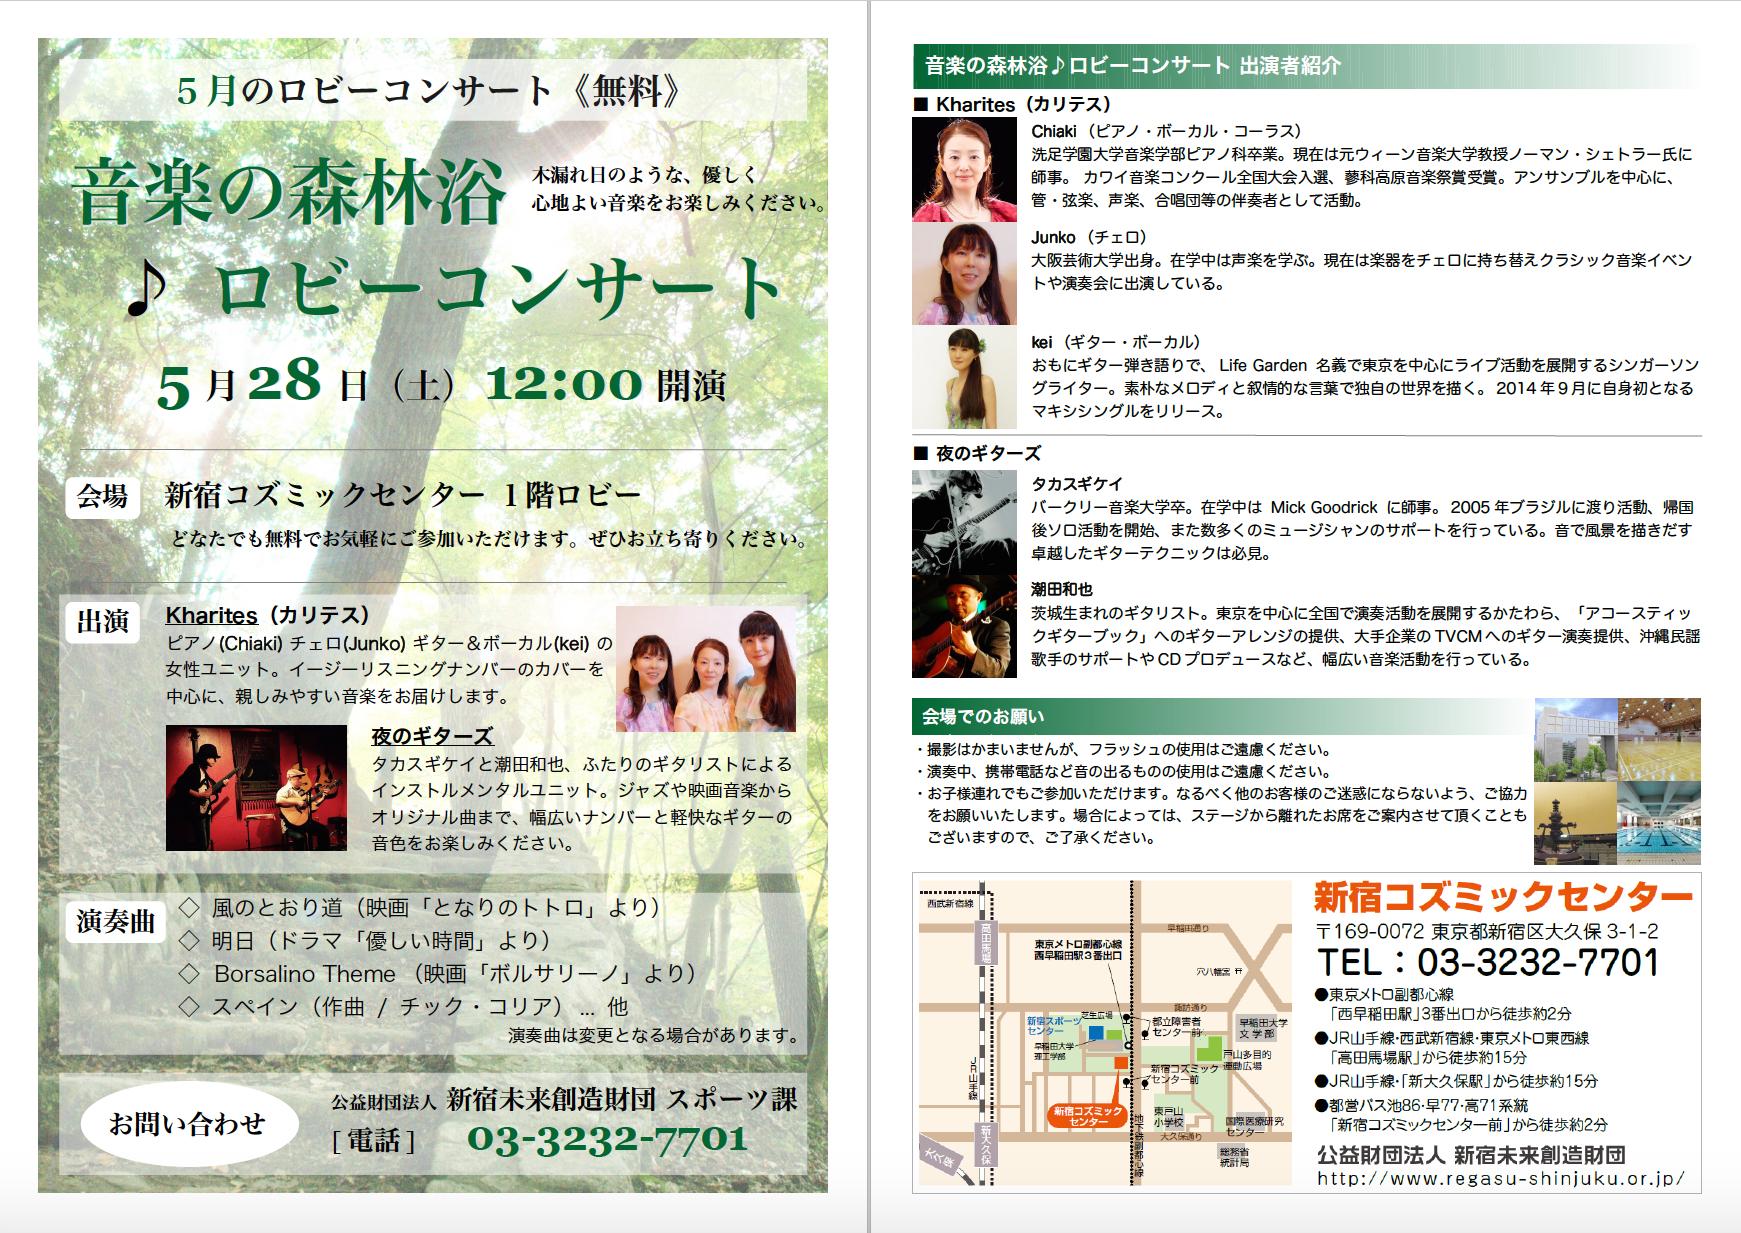 音楽の森林浴 (レガス新宿ロビーコンサート)